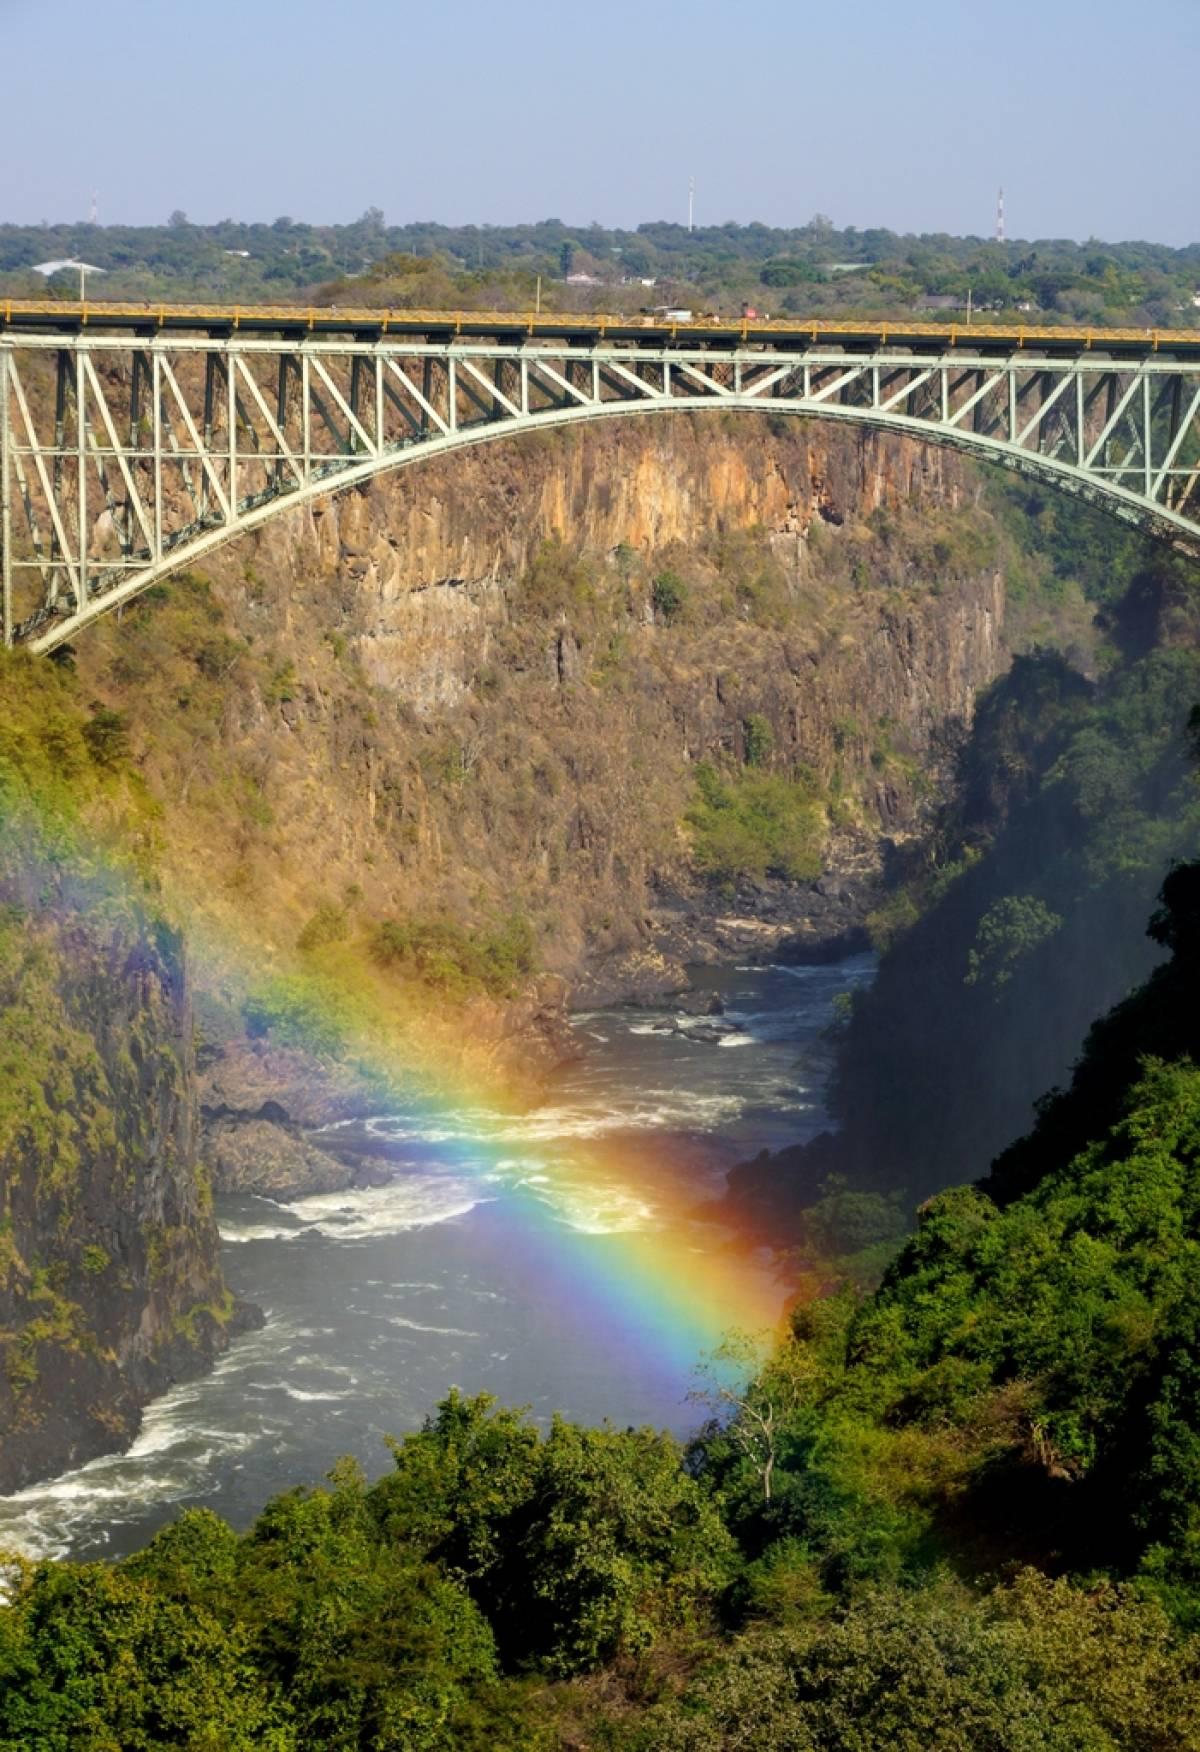 Day 5 - Victoria Falls